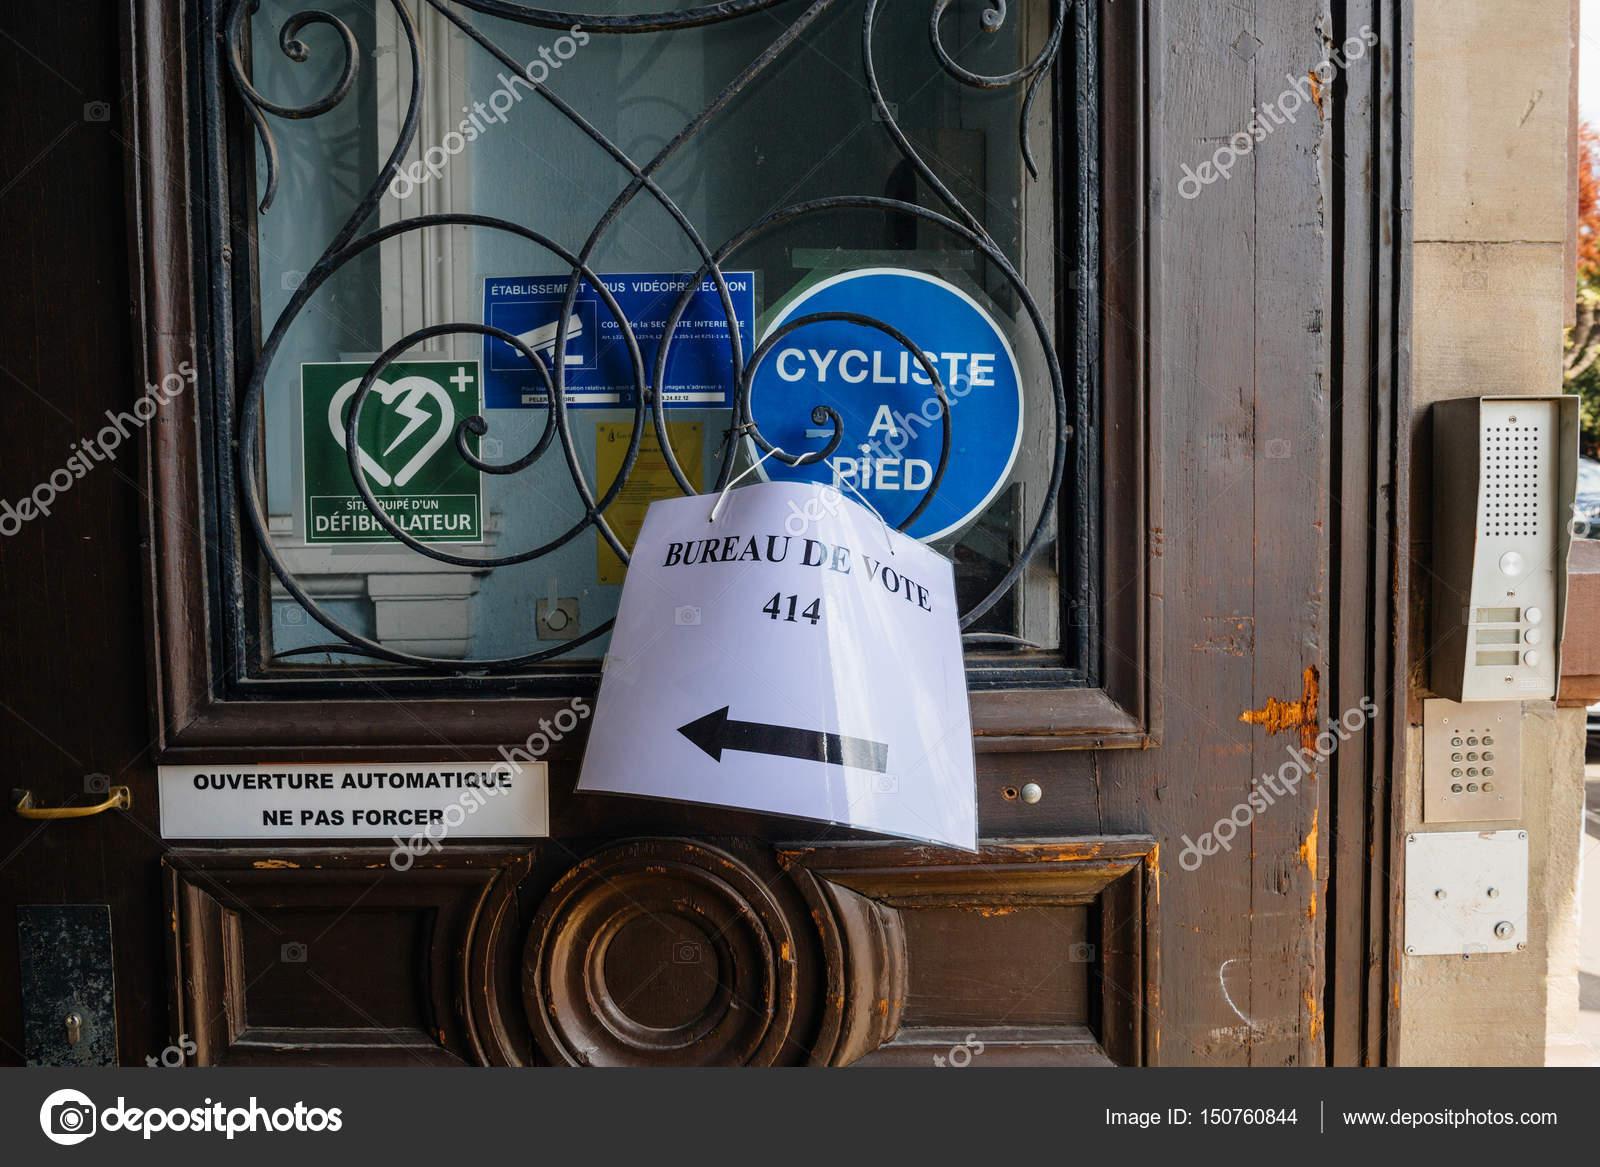 Bureau de vote u wiktionnaire